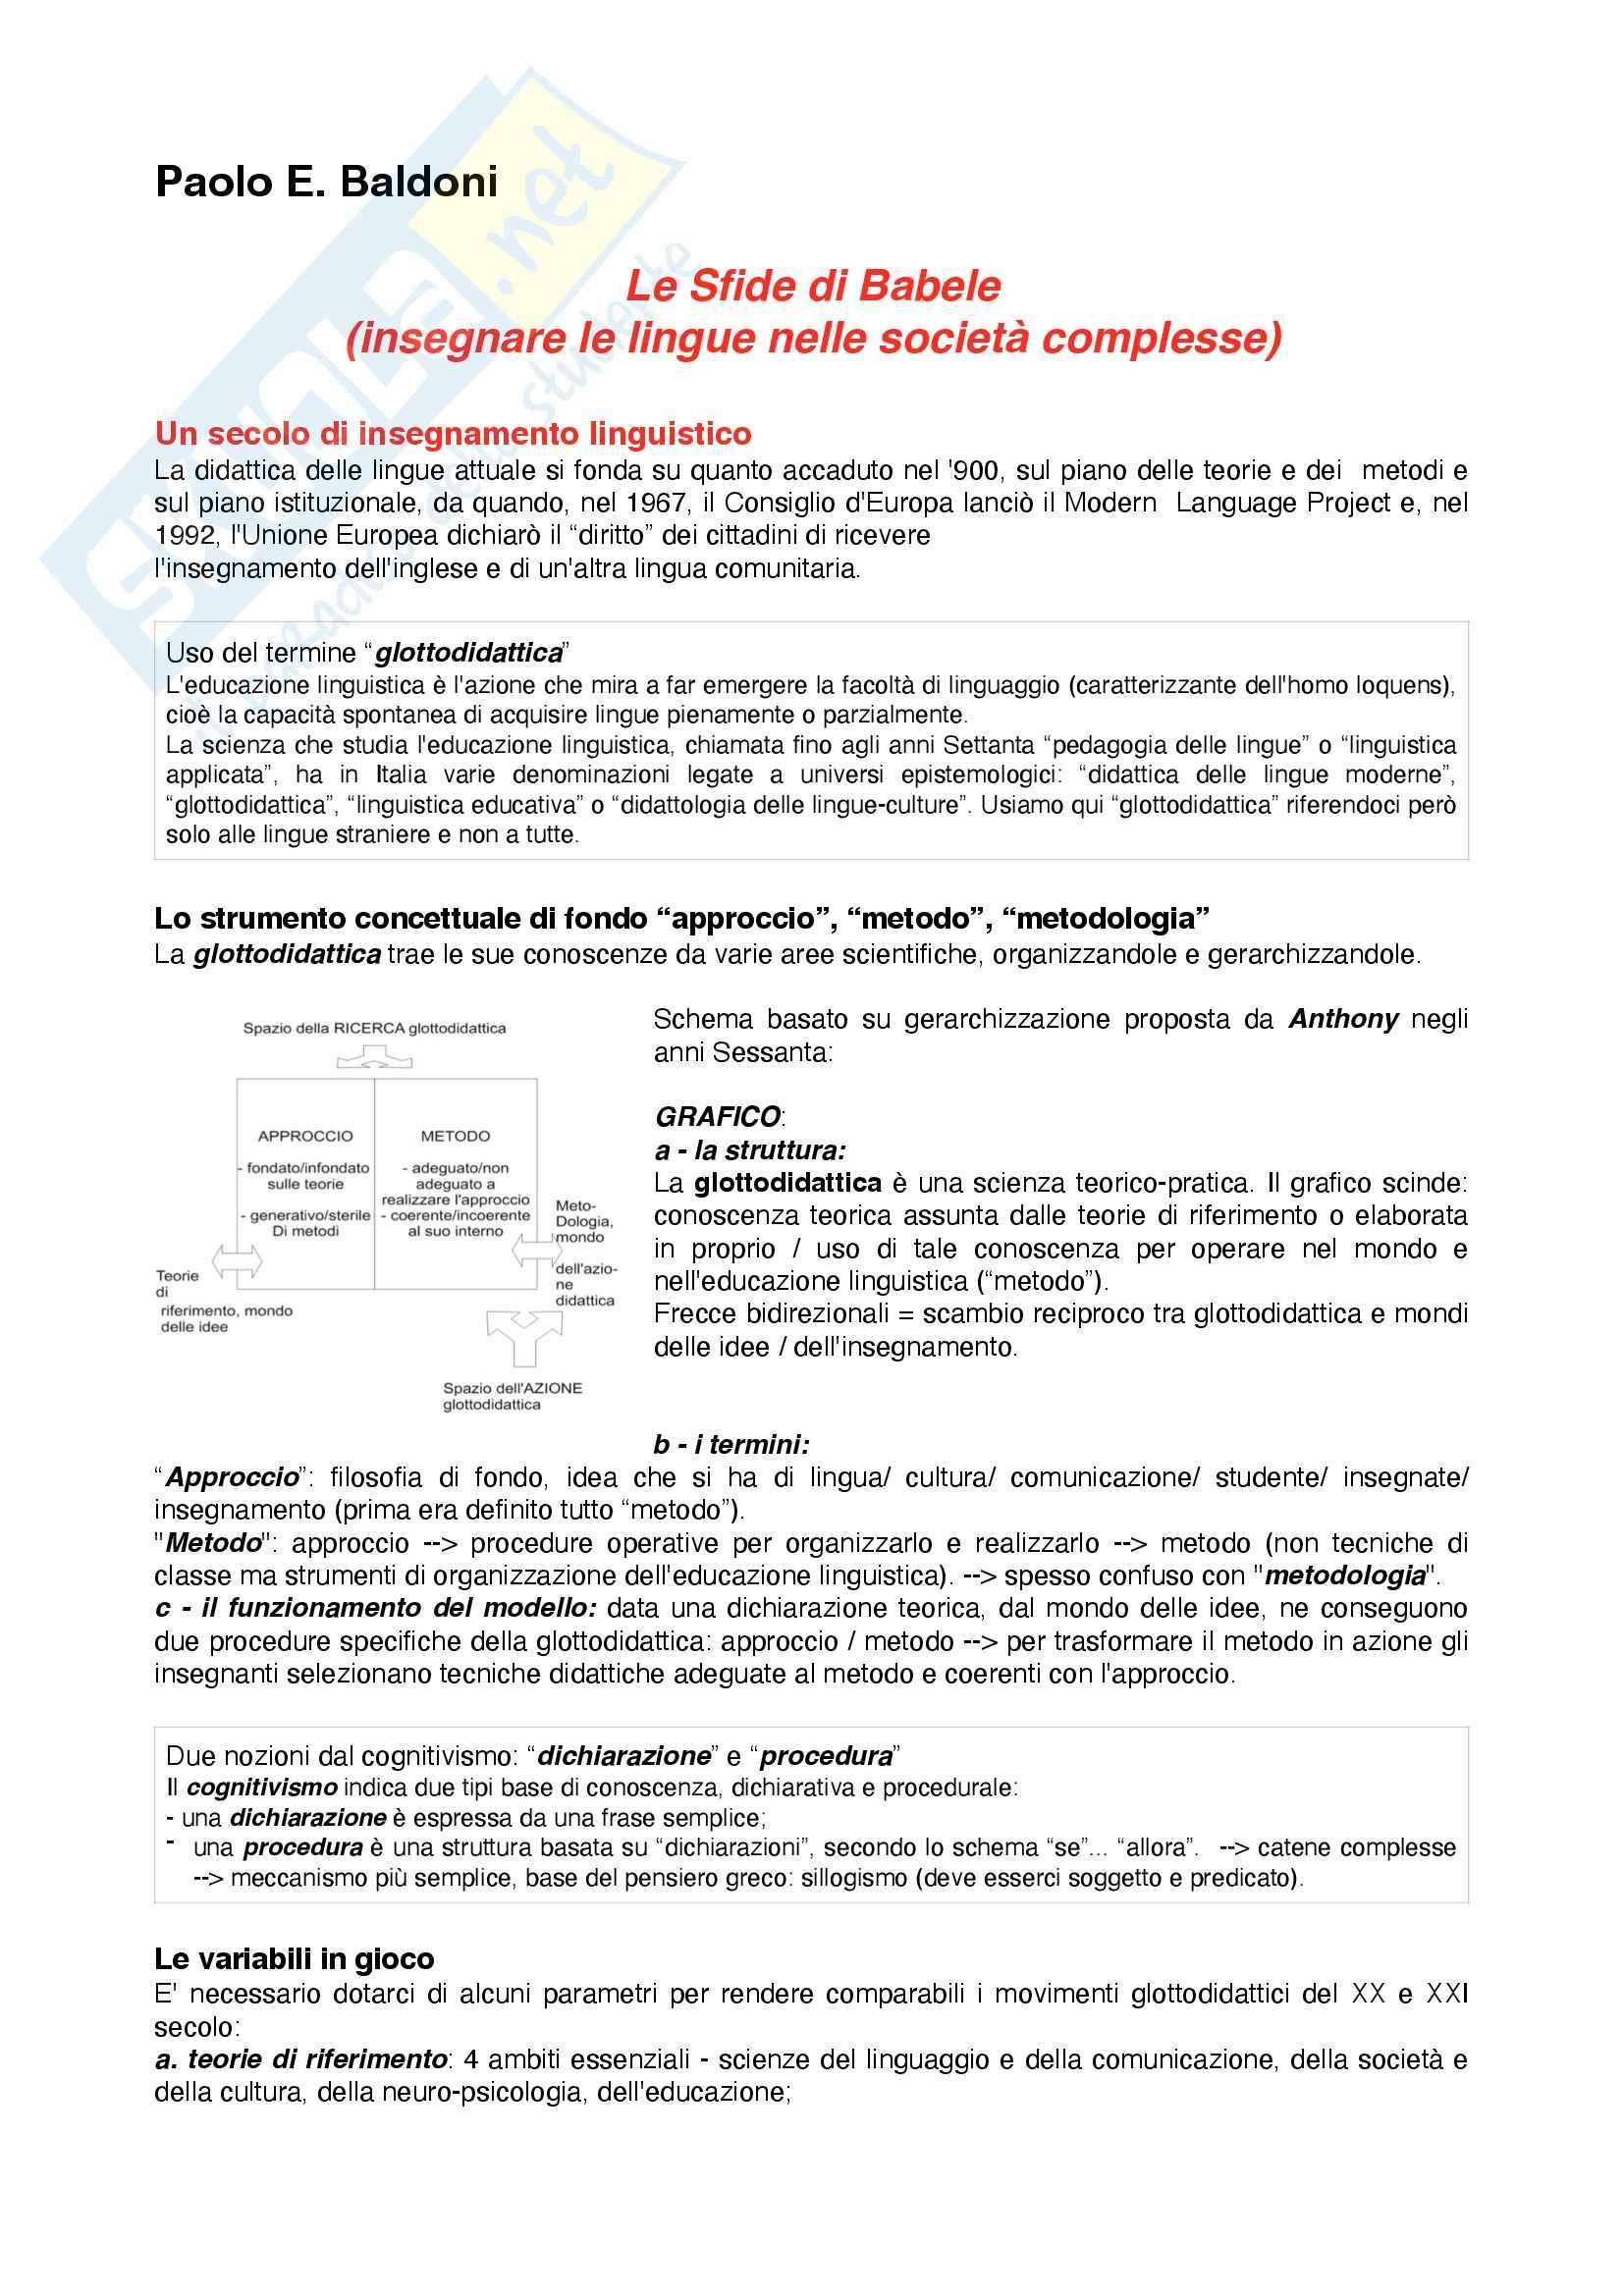 Riassunto esame Didattica delle lingue Moderne, Prof. Corino, libro consigliato Le Sfide di Babele, Baldoni